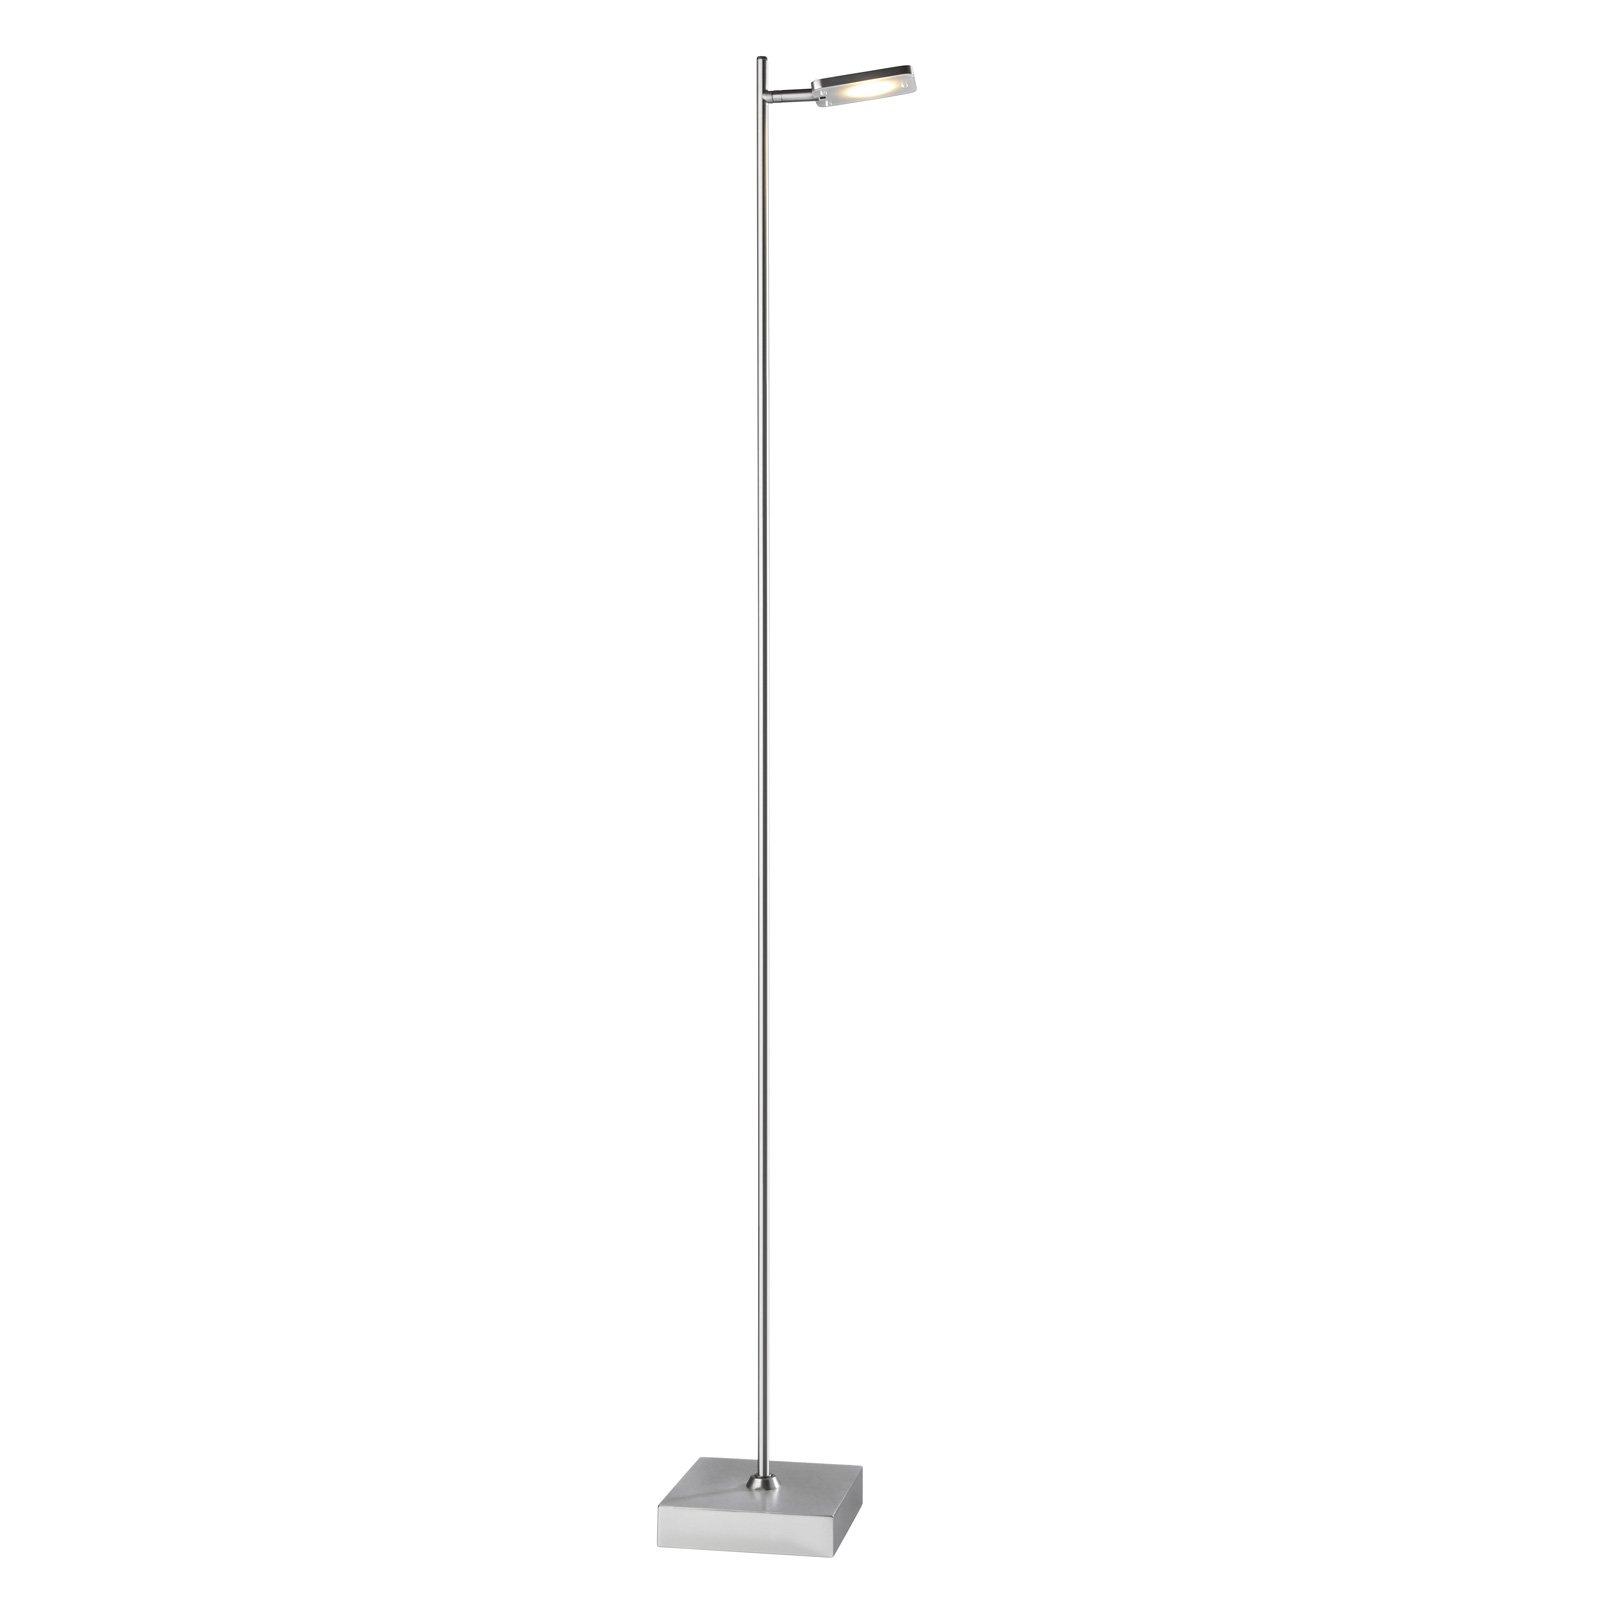 LED-gulvlampe Quad, dimmer, 1 lyskilde, aluminium